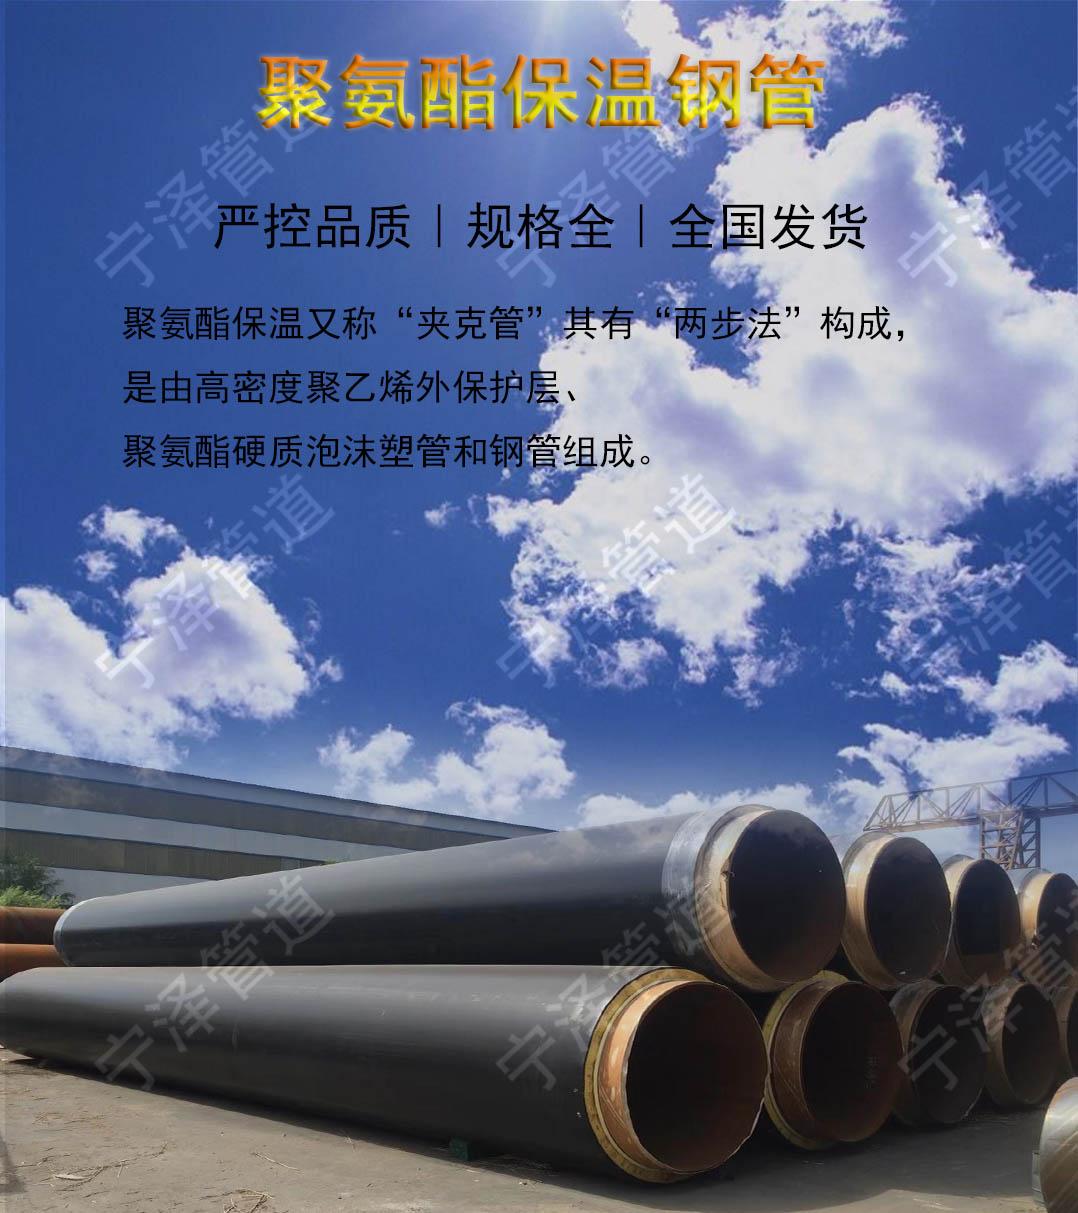 秦汉新城镀锌钢管发泡保温管销售定制